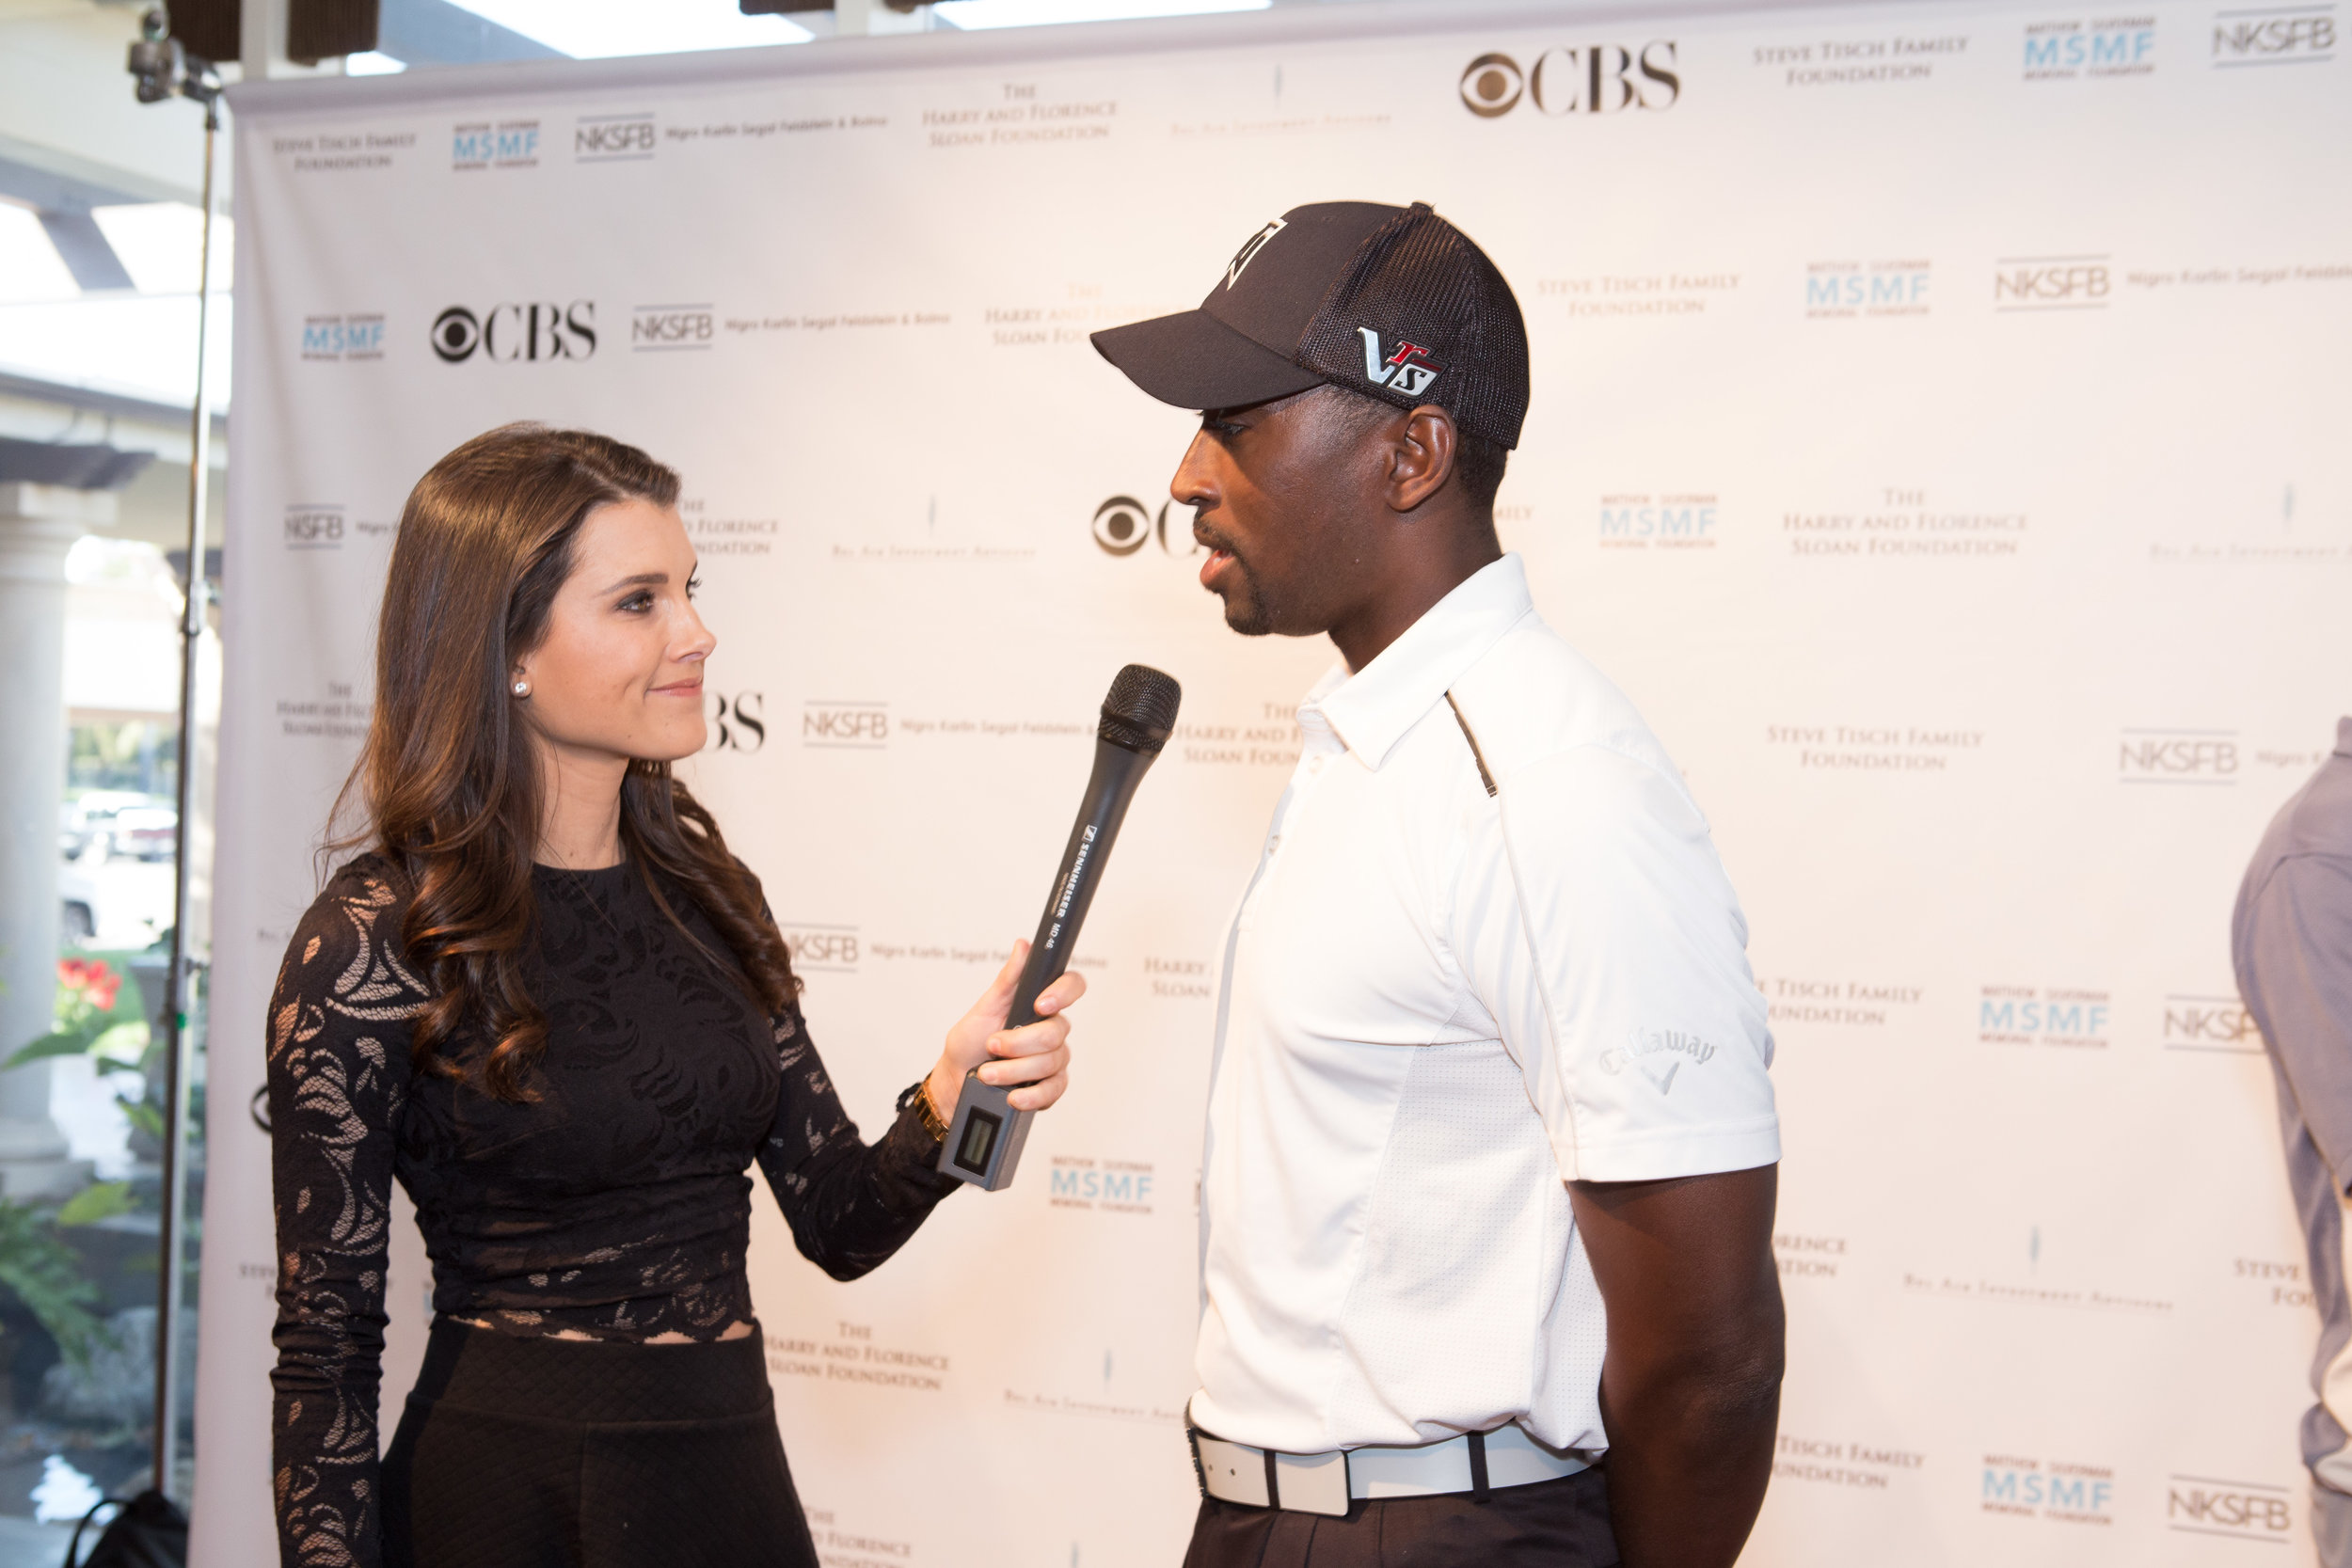 IMG_8252-Dana interviewing Esdra Lamy.jpg